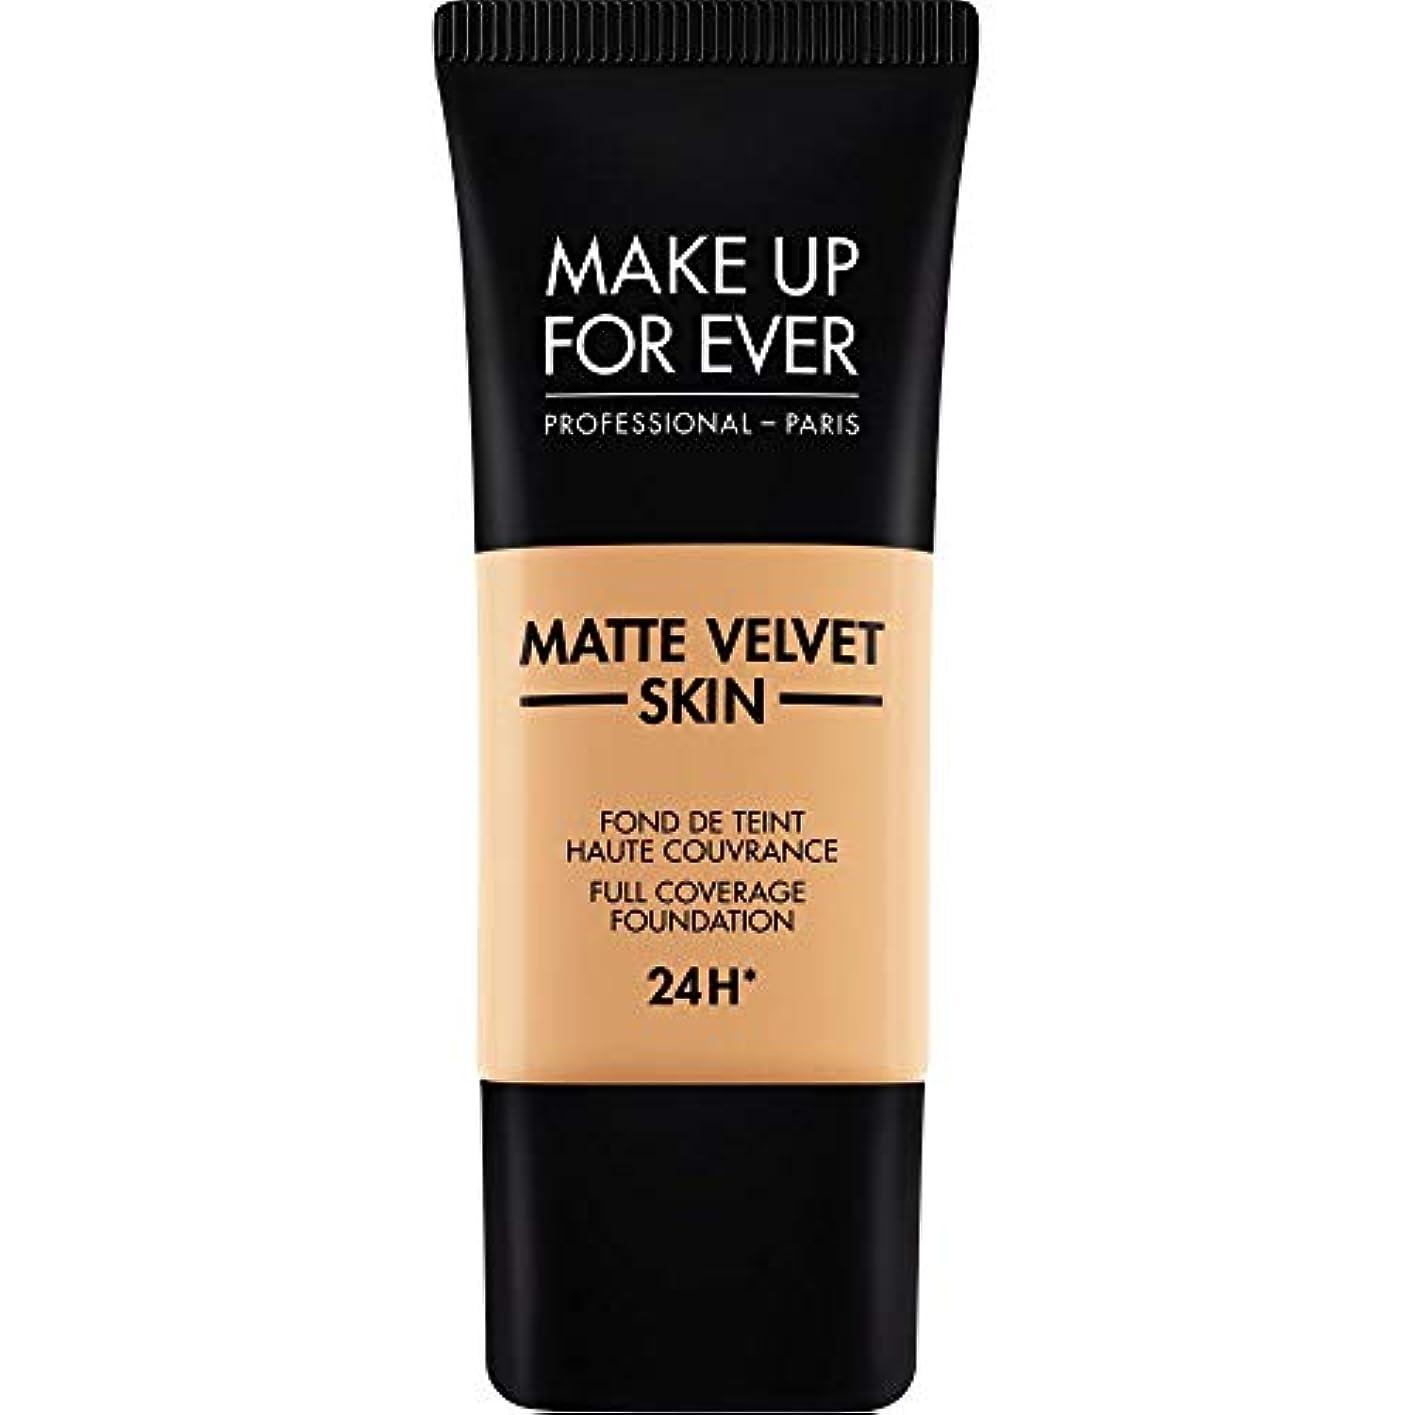 噴出する唇老朽化した[MAKE UP FOR EVER ] 黄金の砂 - これまでマットベルベットの皮膚のフルカバレッジ基礎30ミリリットルのY375を補います - MAKE UP FOR EVER Matte Velvet Skin Full...